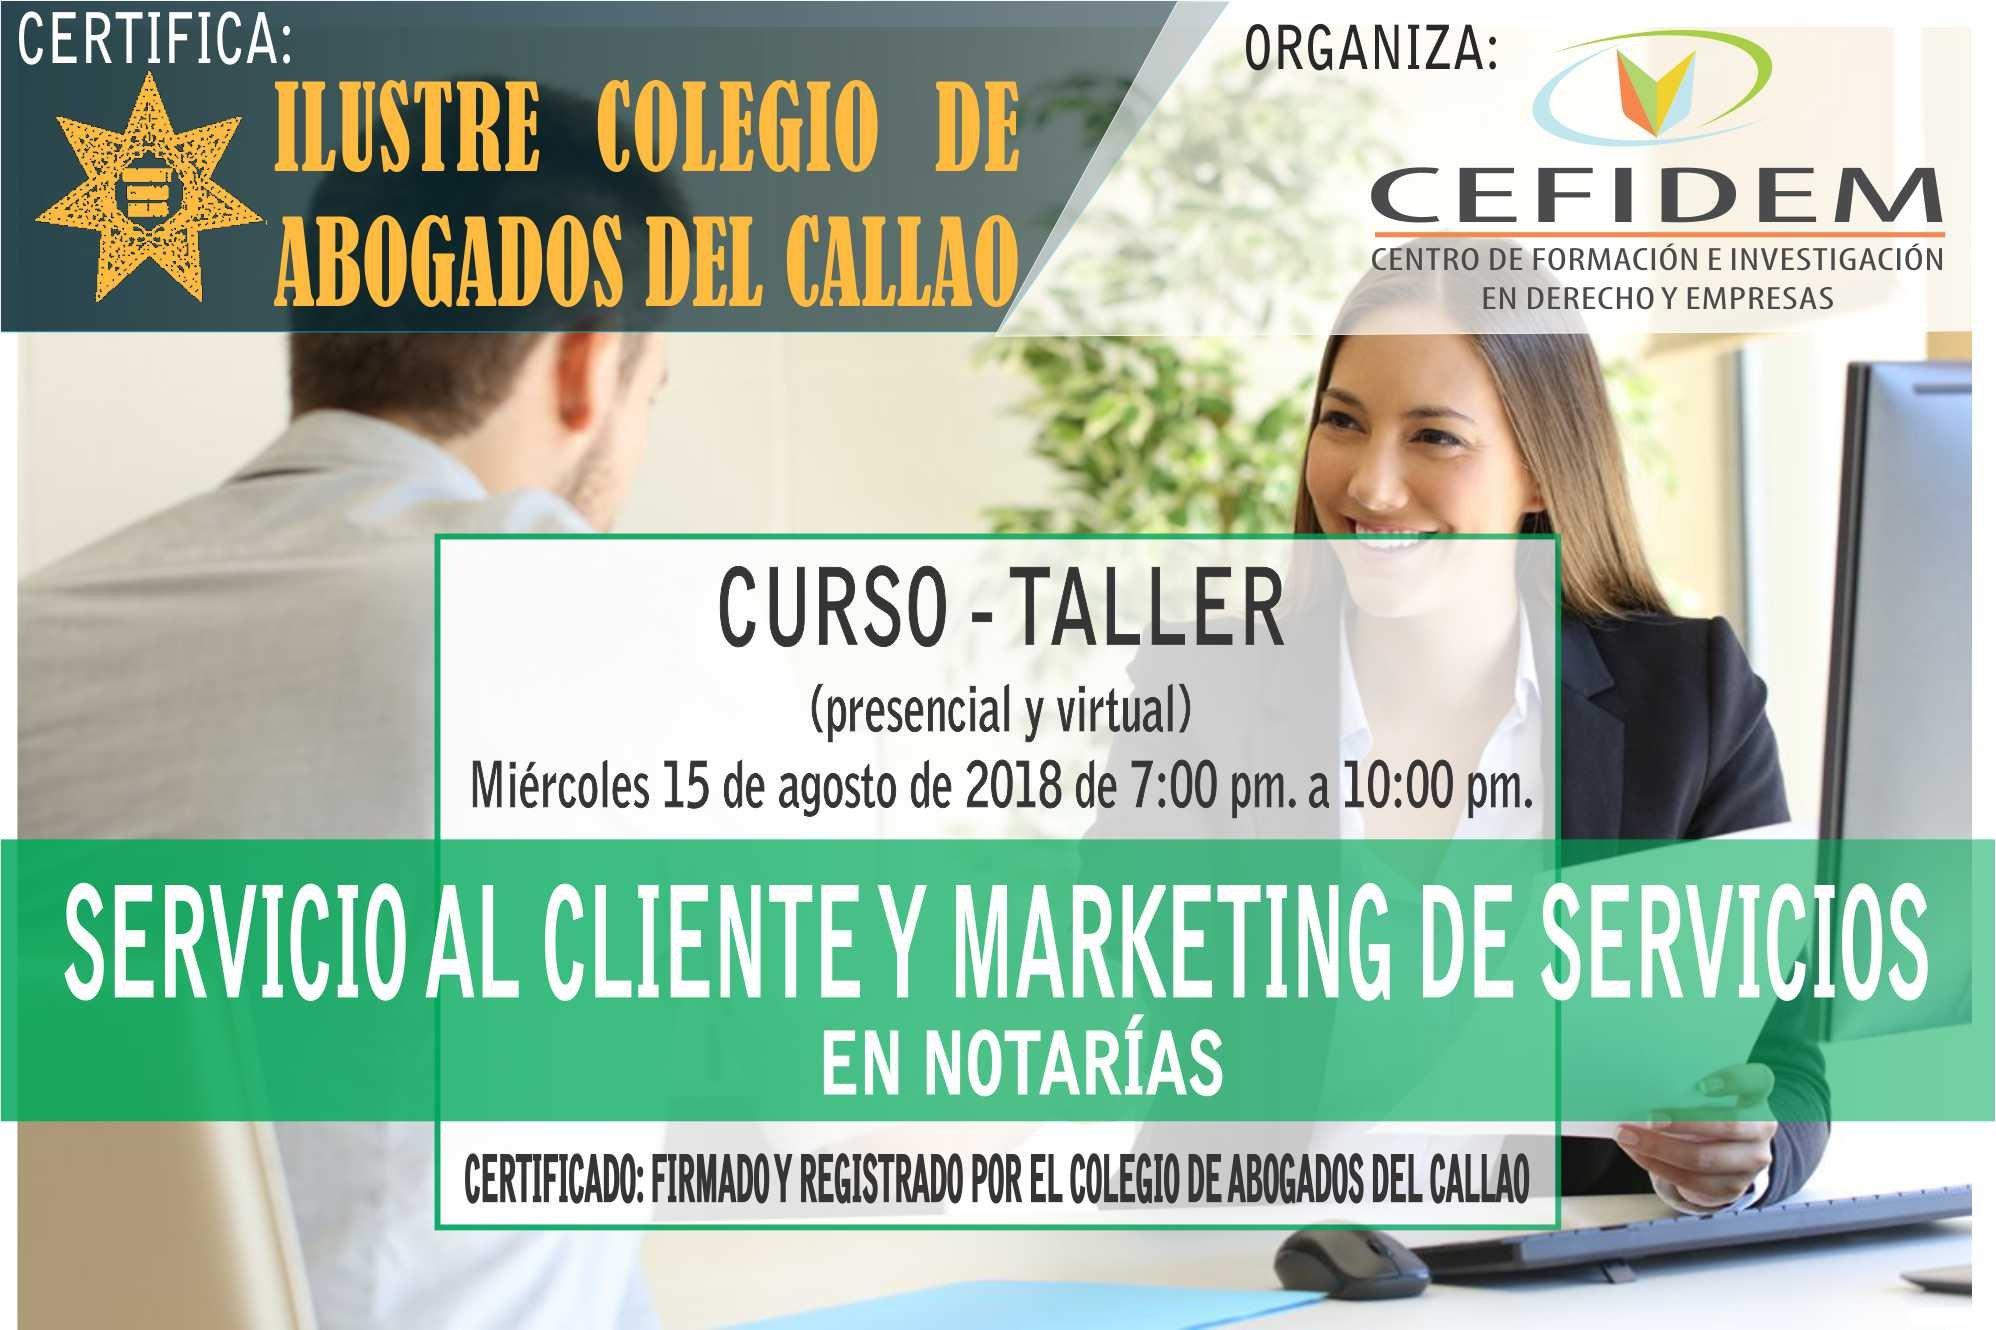 Curso-Taller: SERVICIO AL CLIENTE Y MARKETING DE SERVICIOS EN NOTARÍAS (15/08/18)